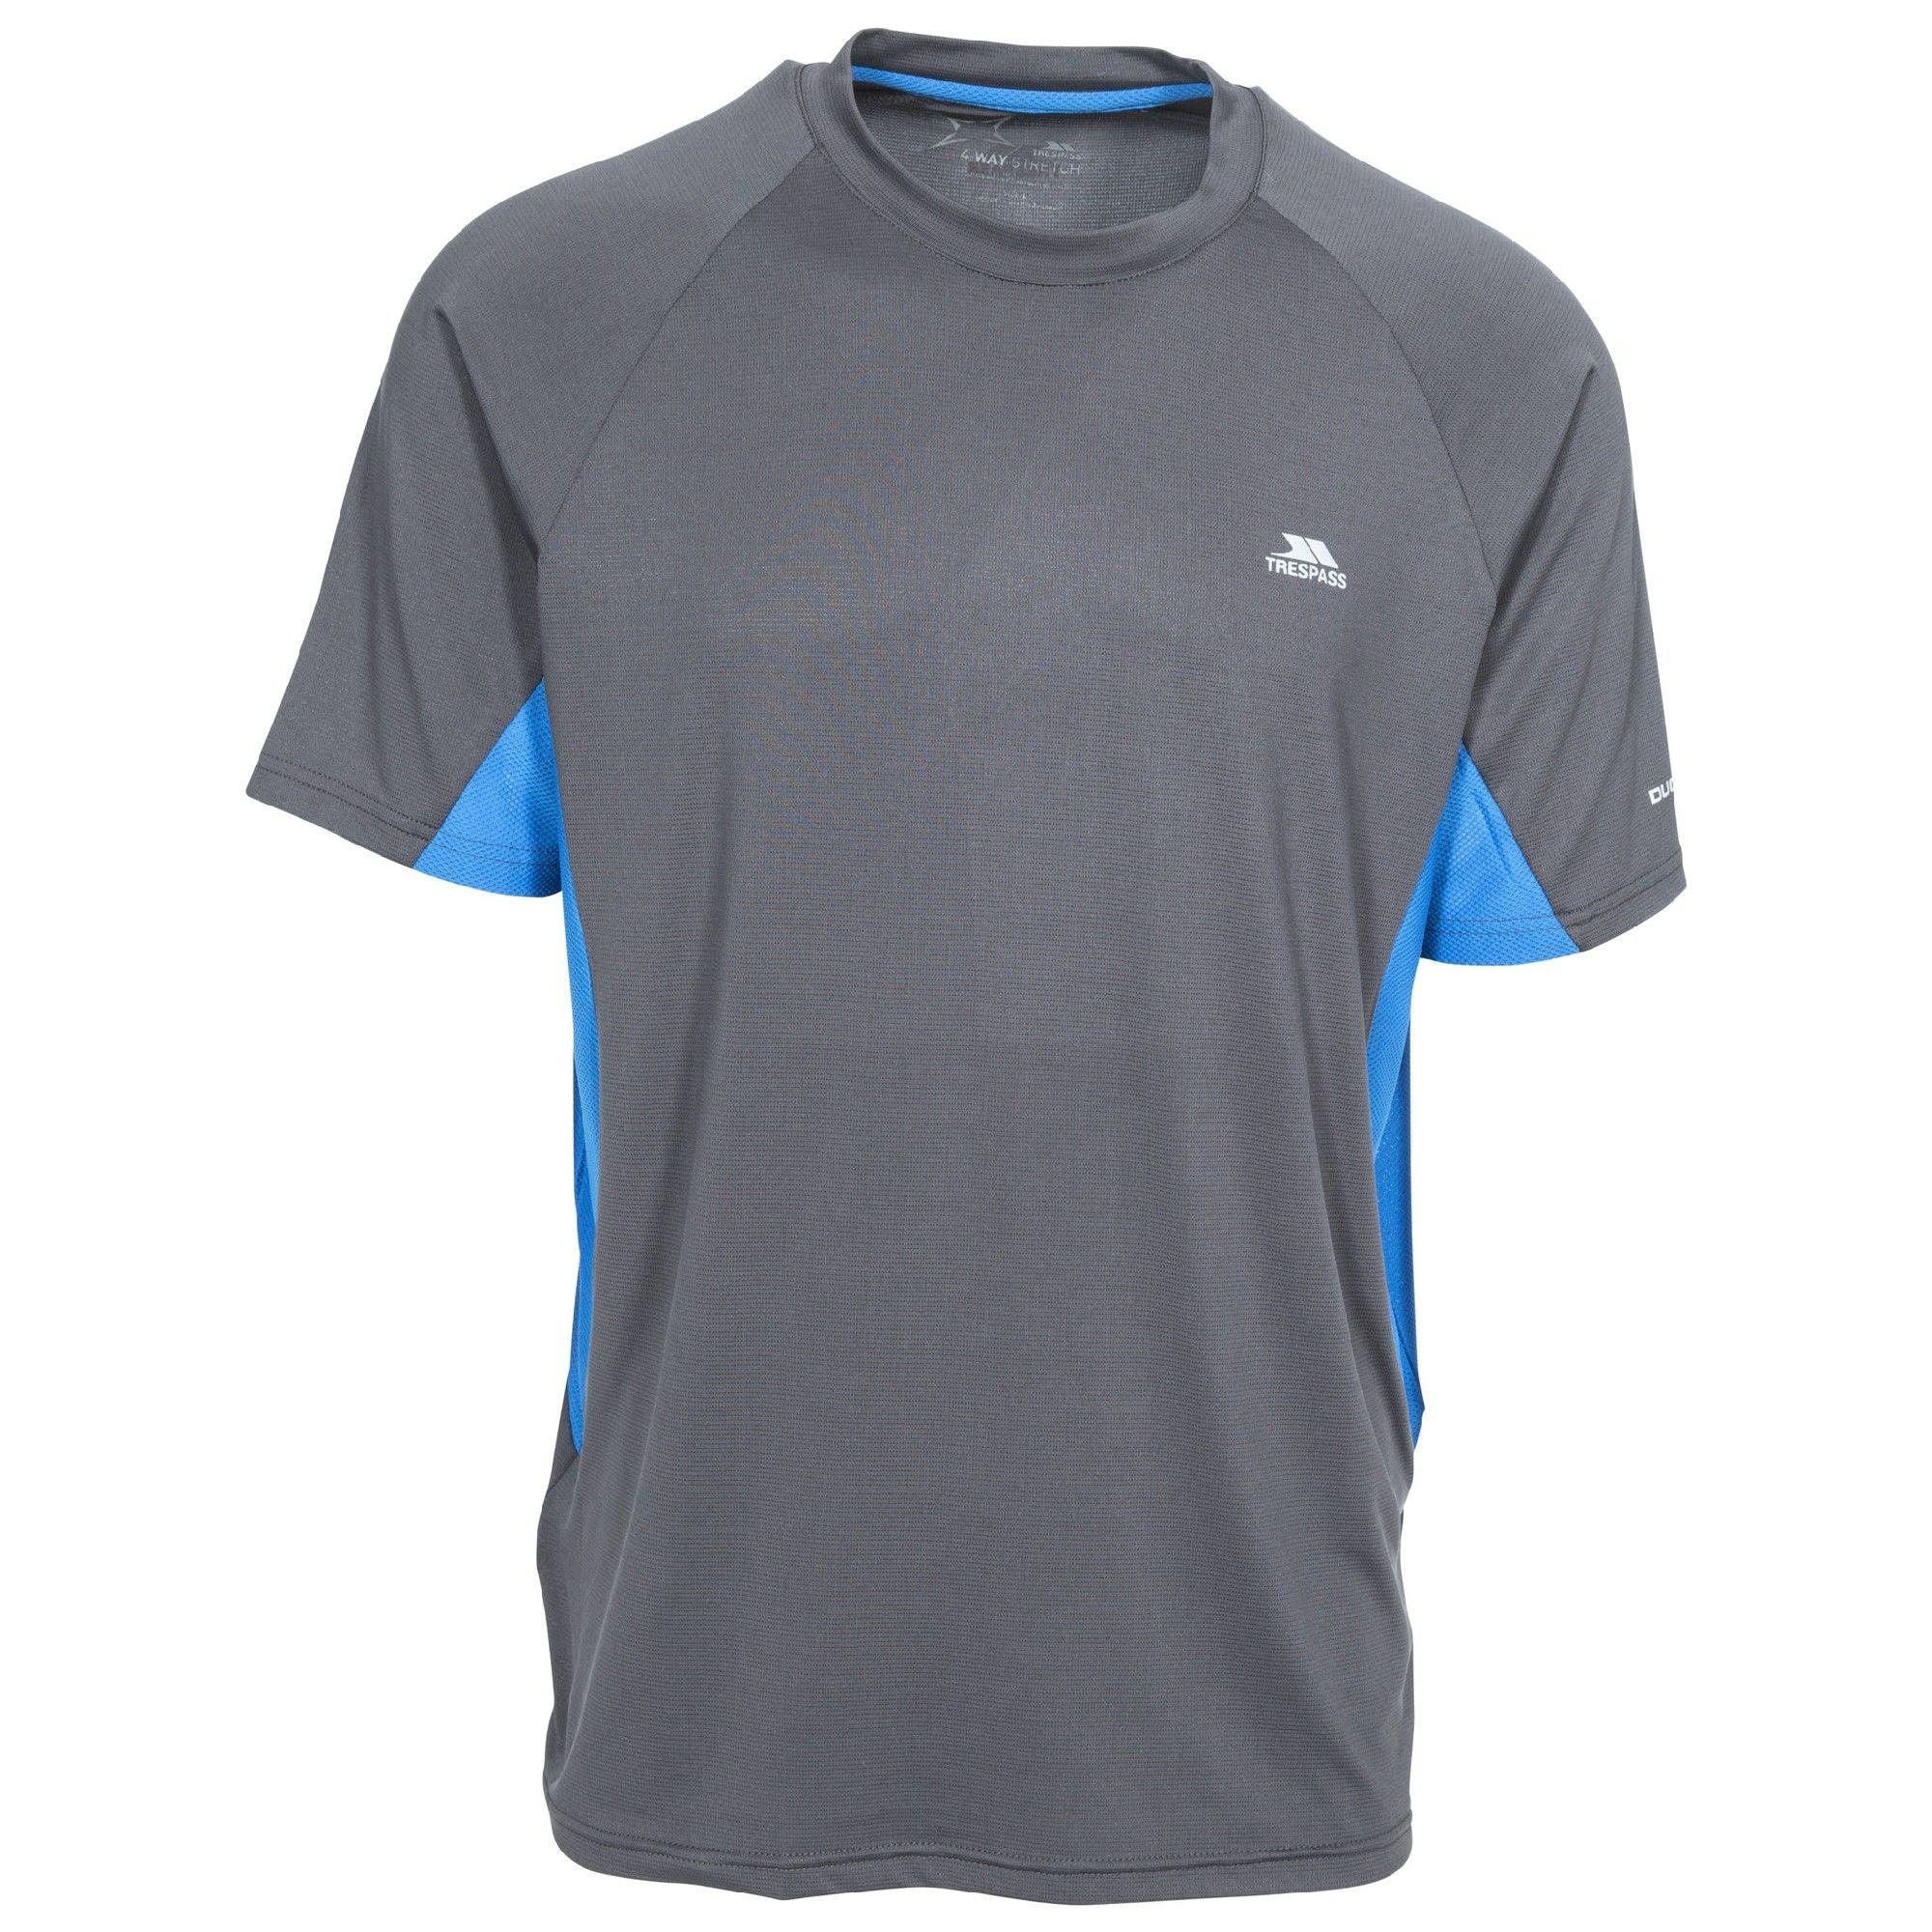 Trespass Mens Brewly Active T-Shirt